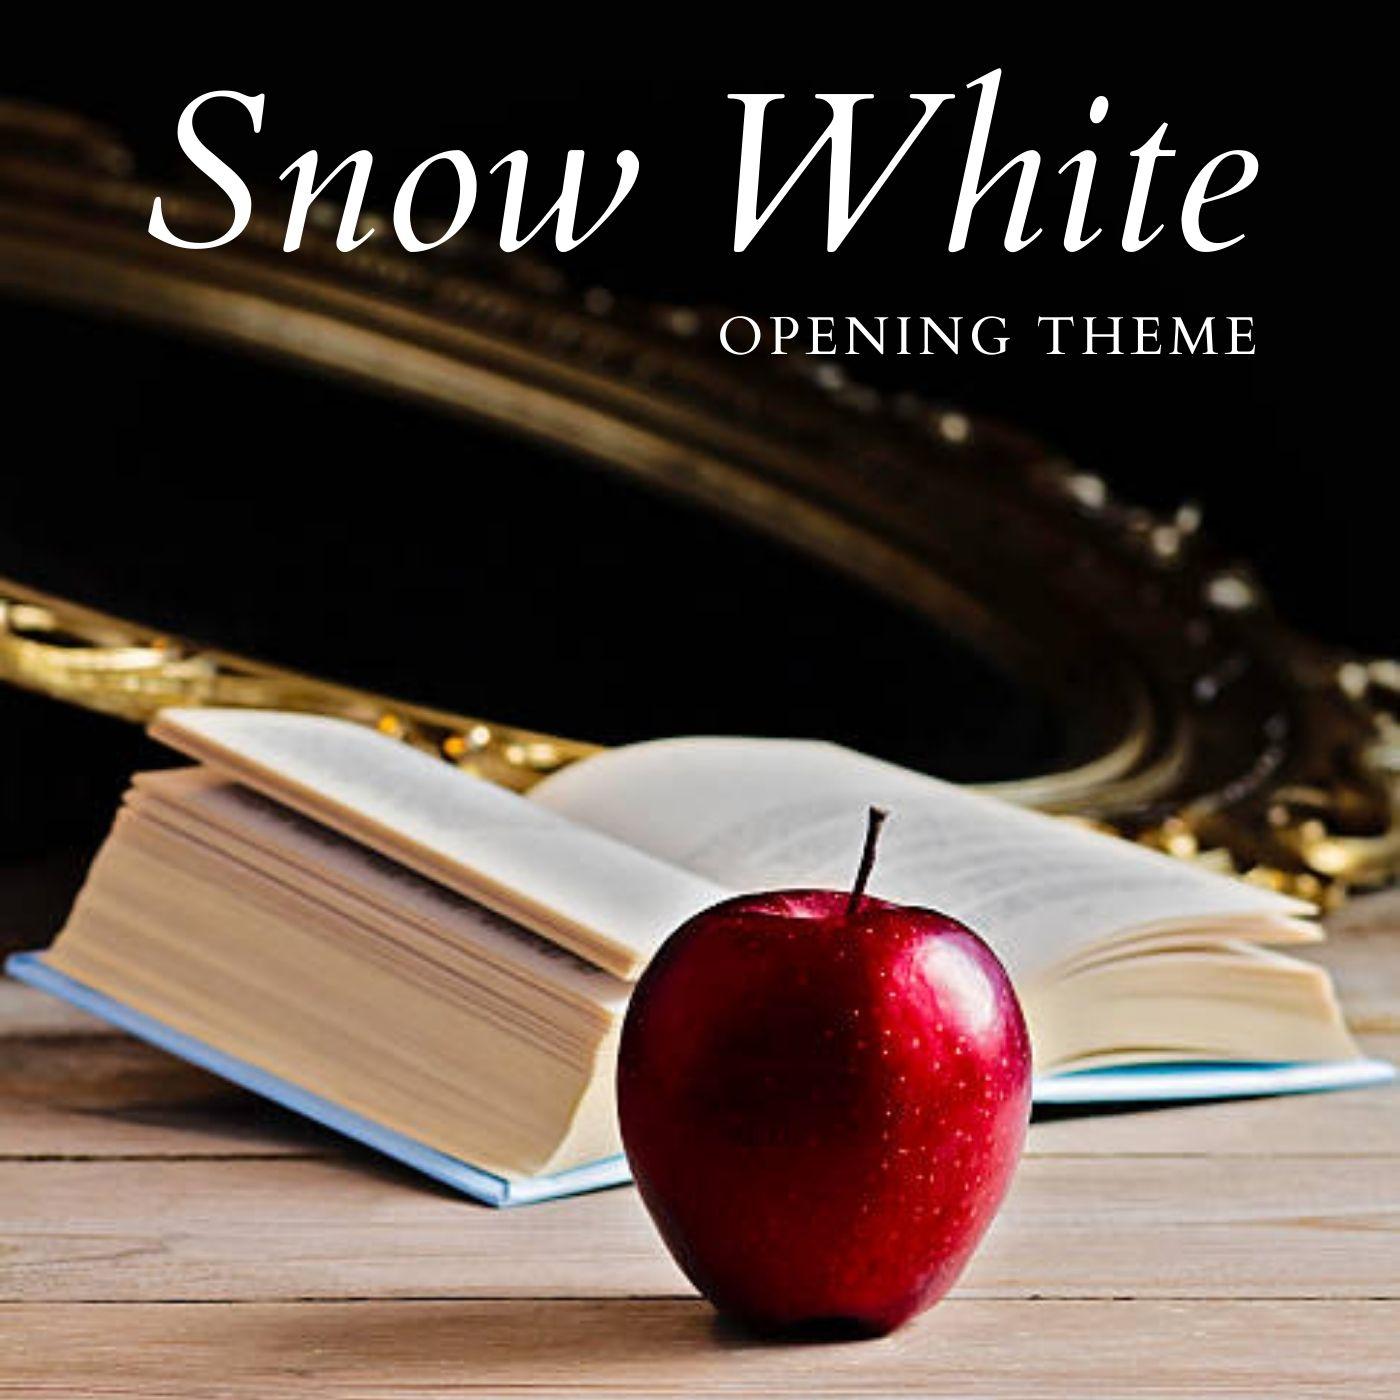 Snow White (